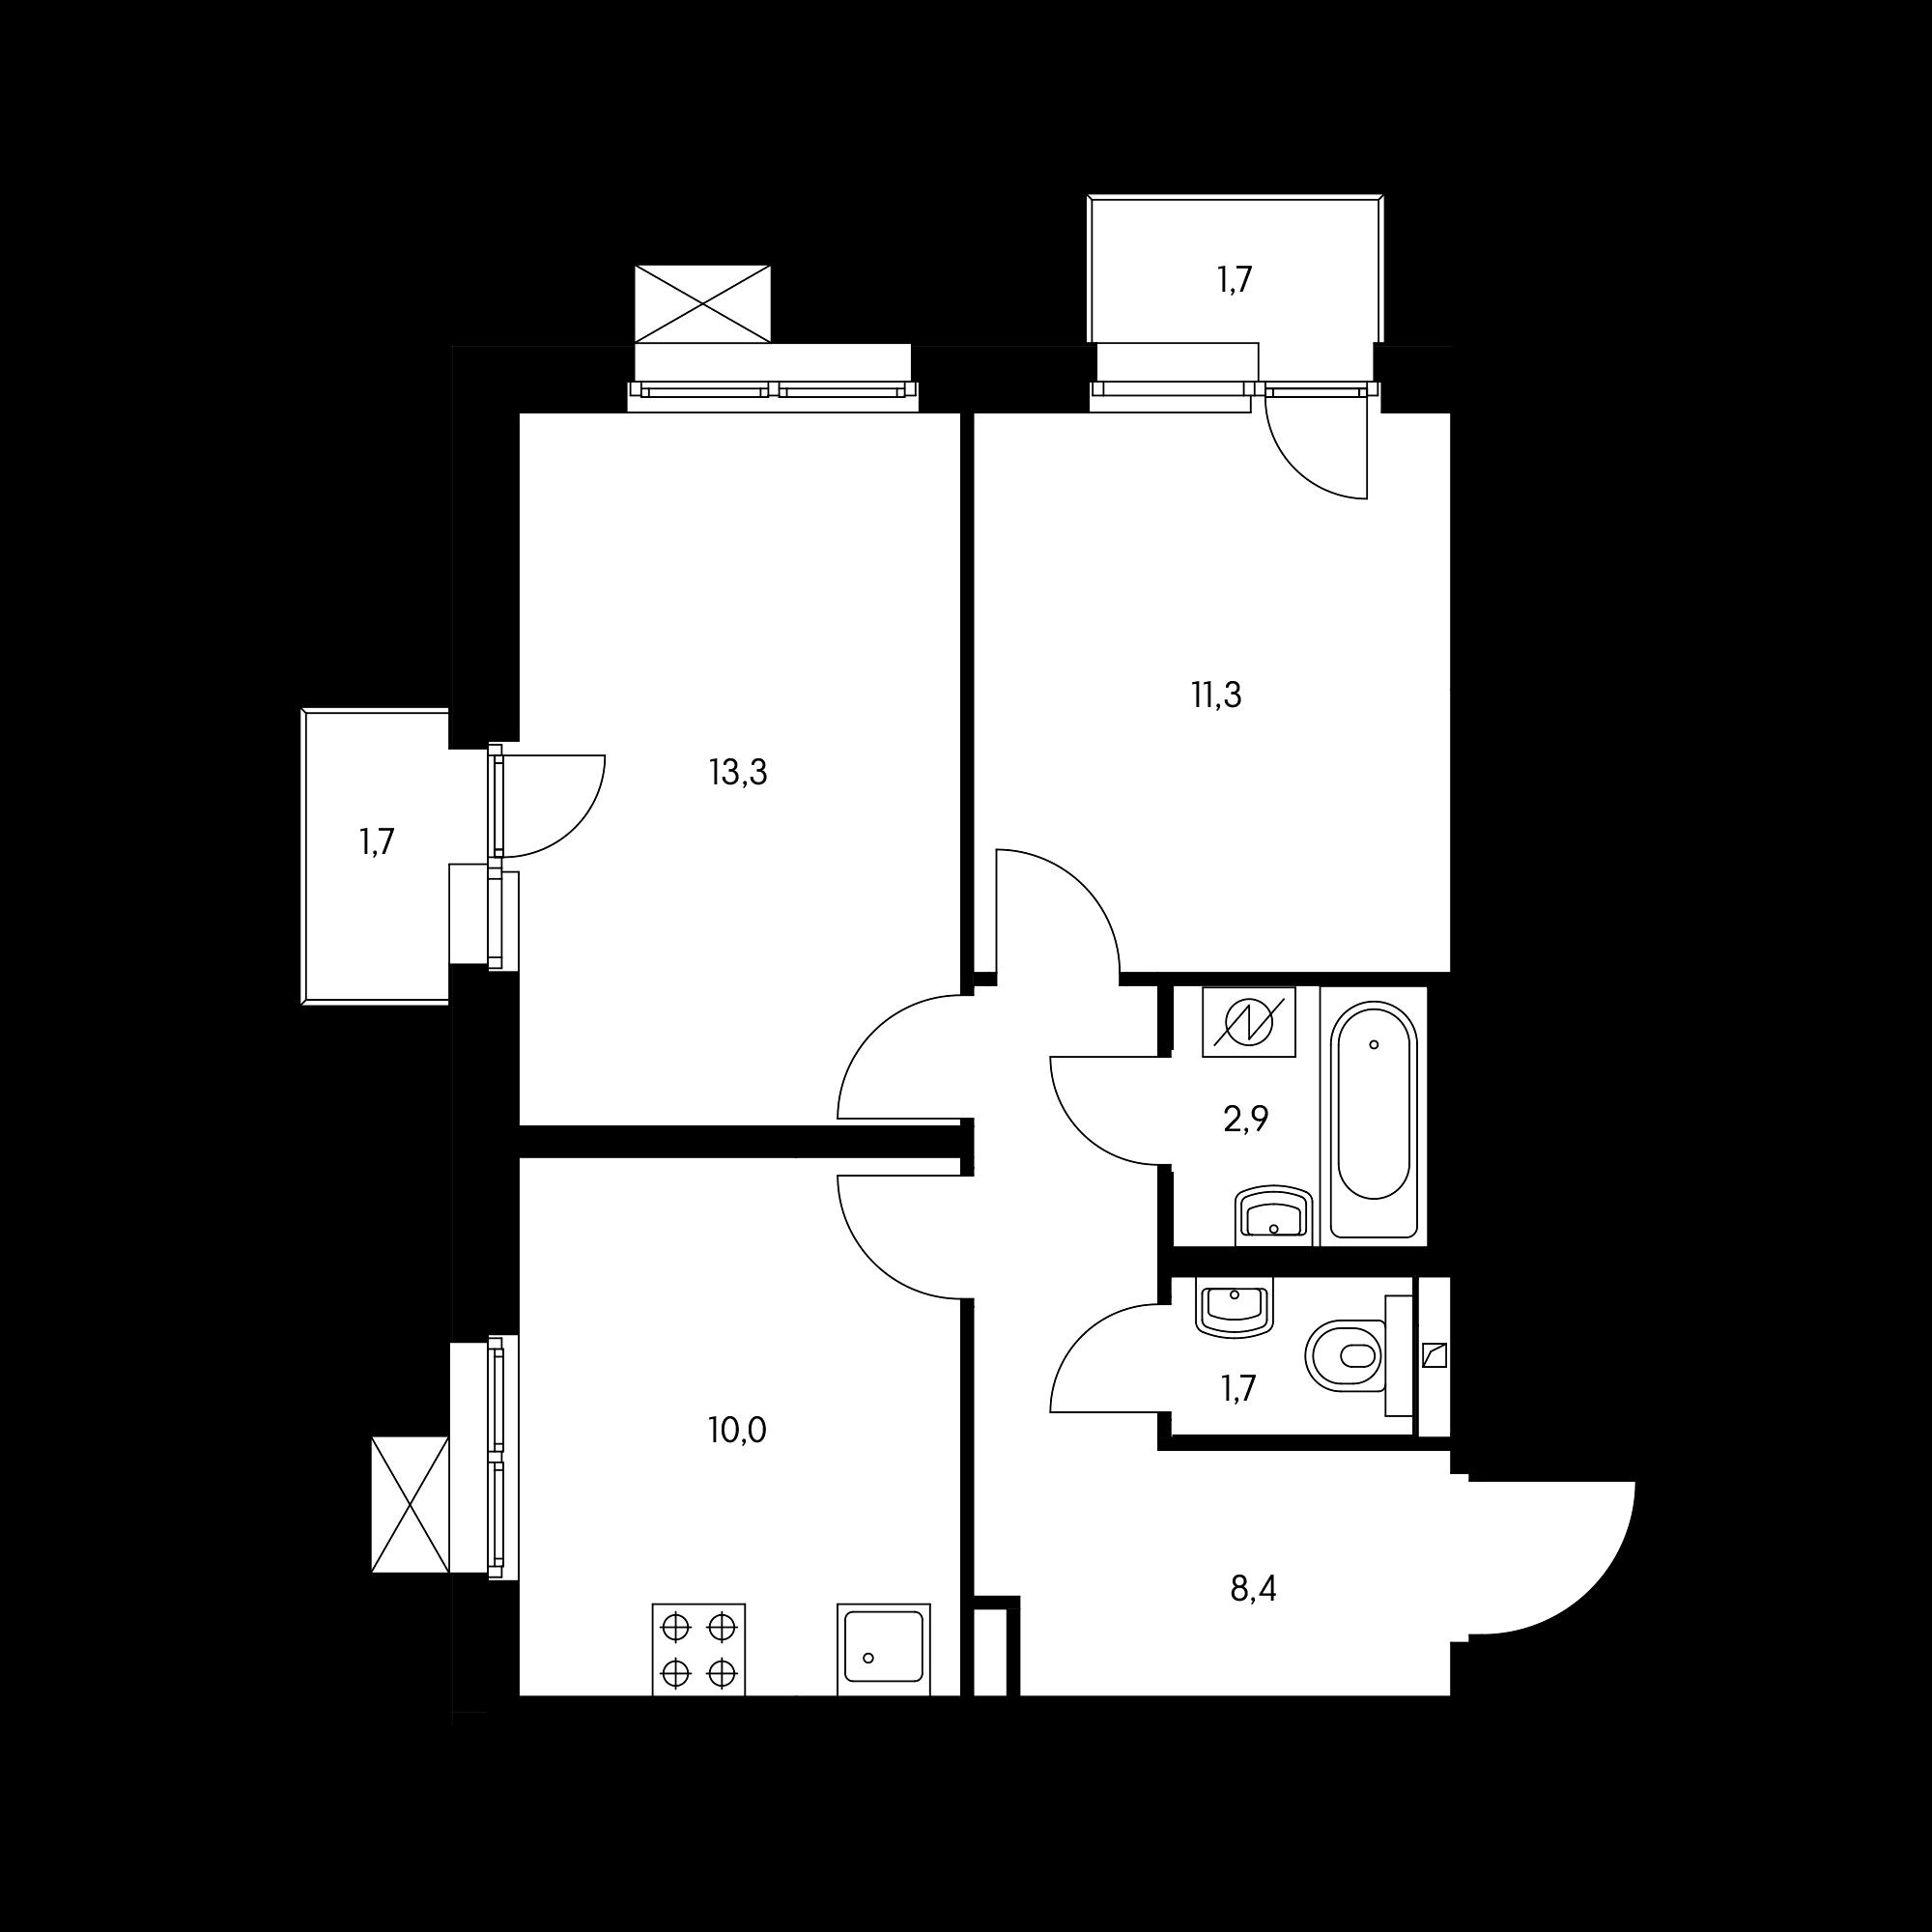 2KS21_6.3-1SZB2